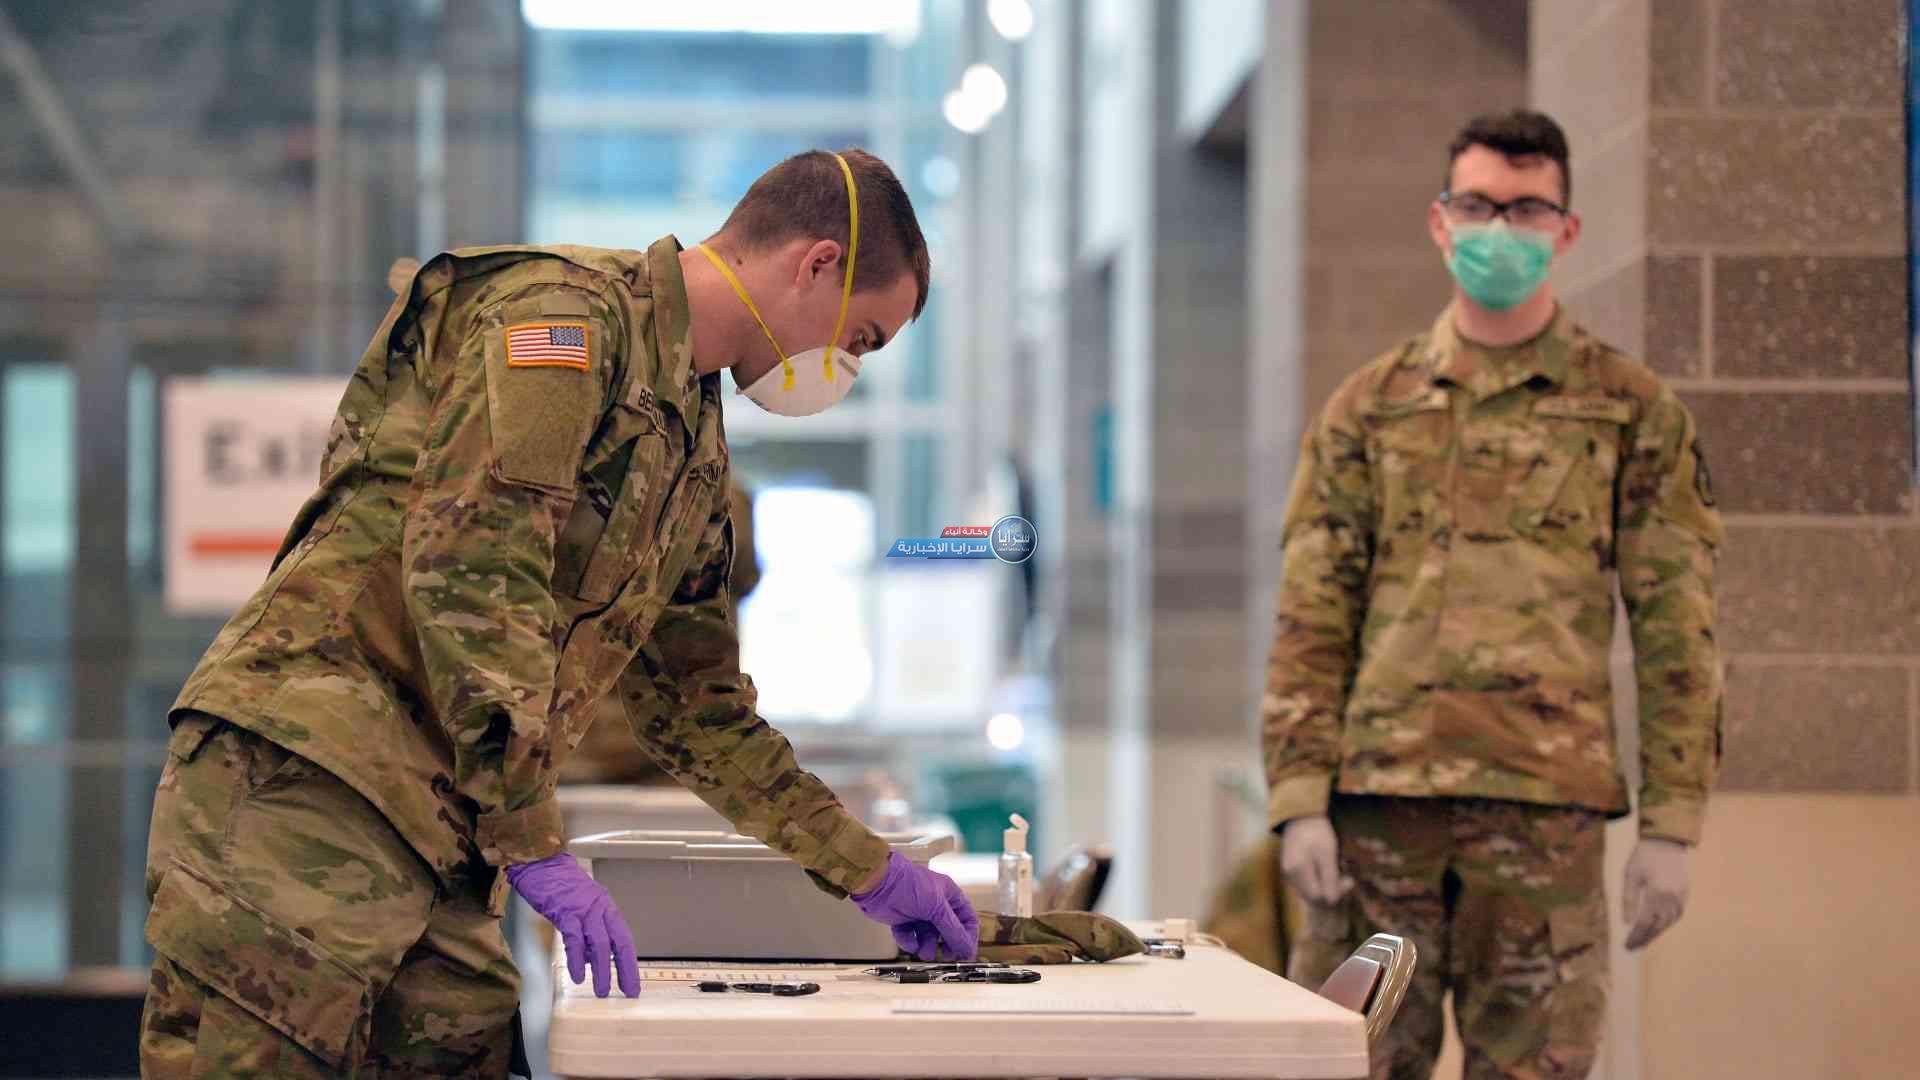 الجيش الأمريكي: الجندي الذي يرفض التطعيم قد يُفصل من الخدمة